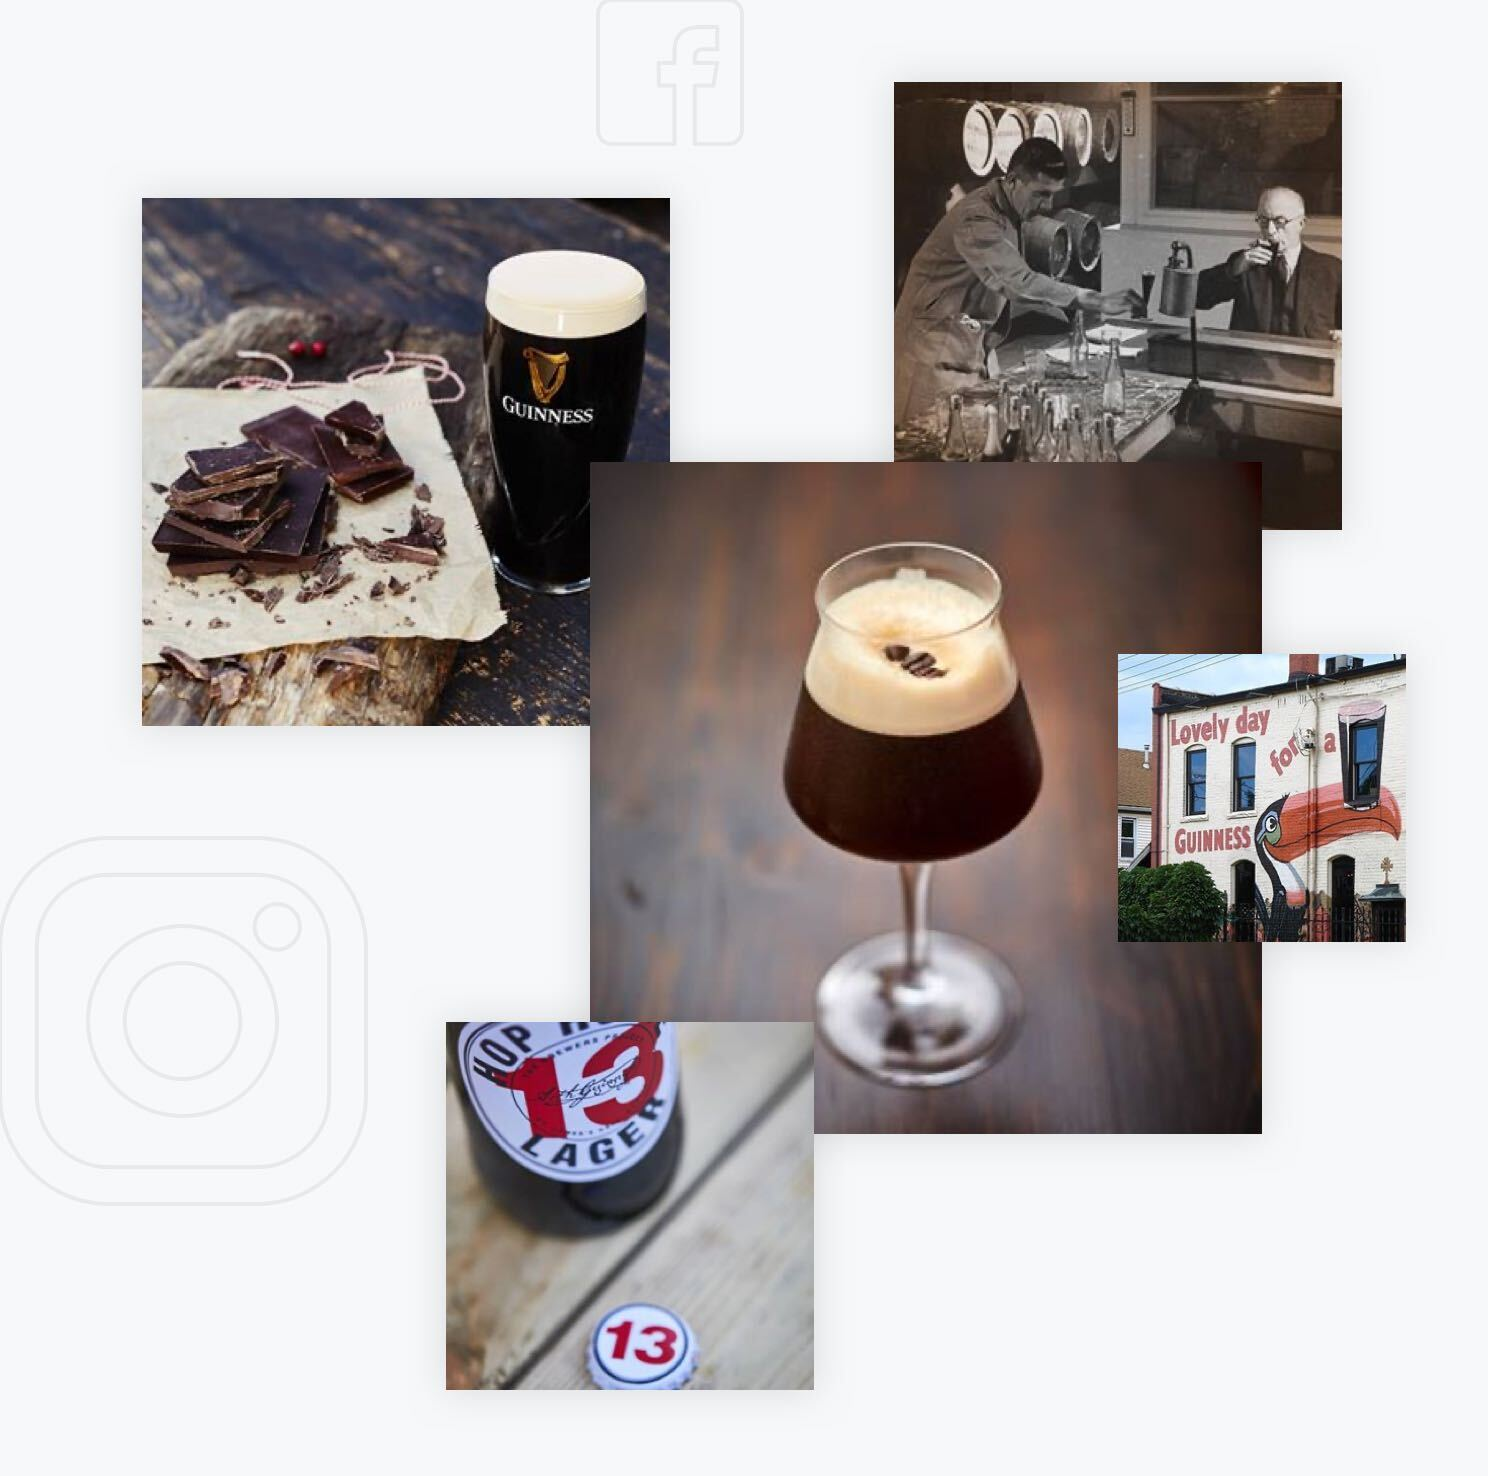 Verschiedene Bilder von den Social Media Kanälen von Guinness